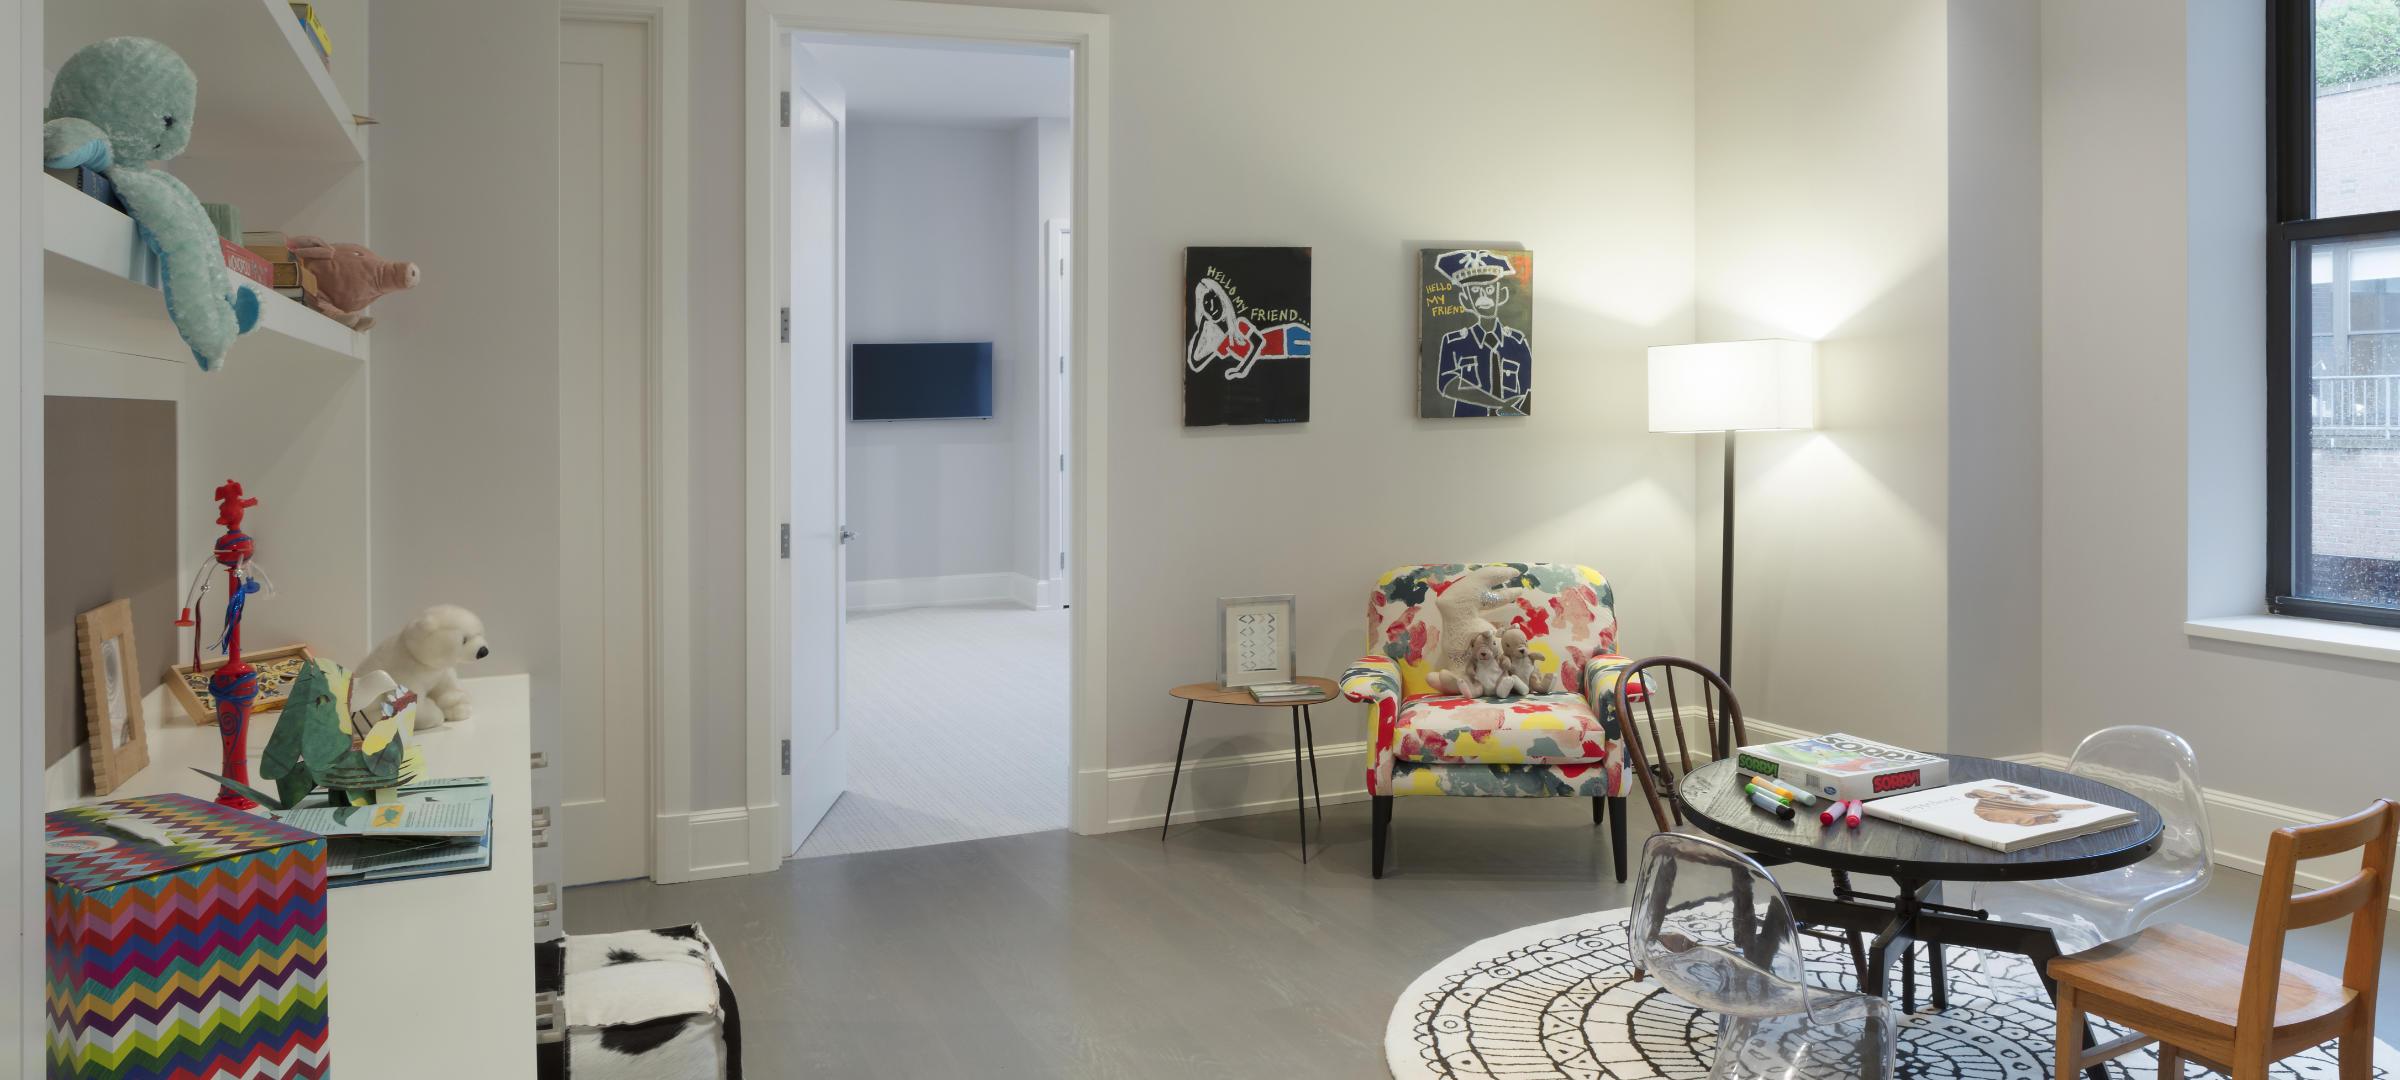 SBSG Interior Design Bedroom 260 Park Avenue South, NY